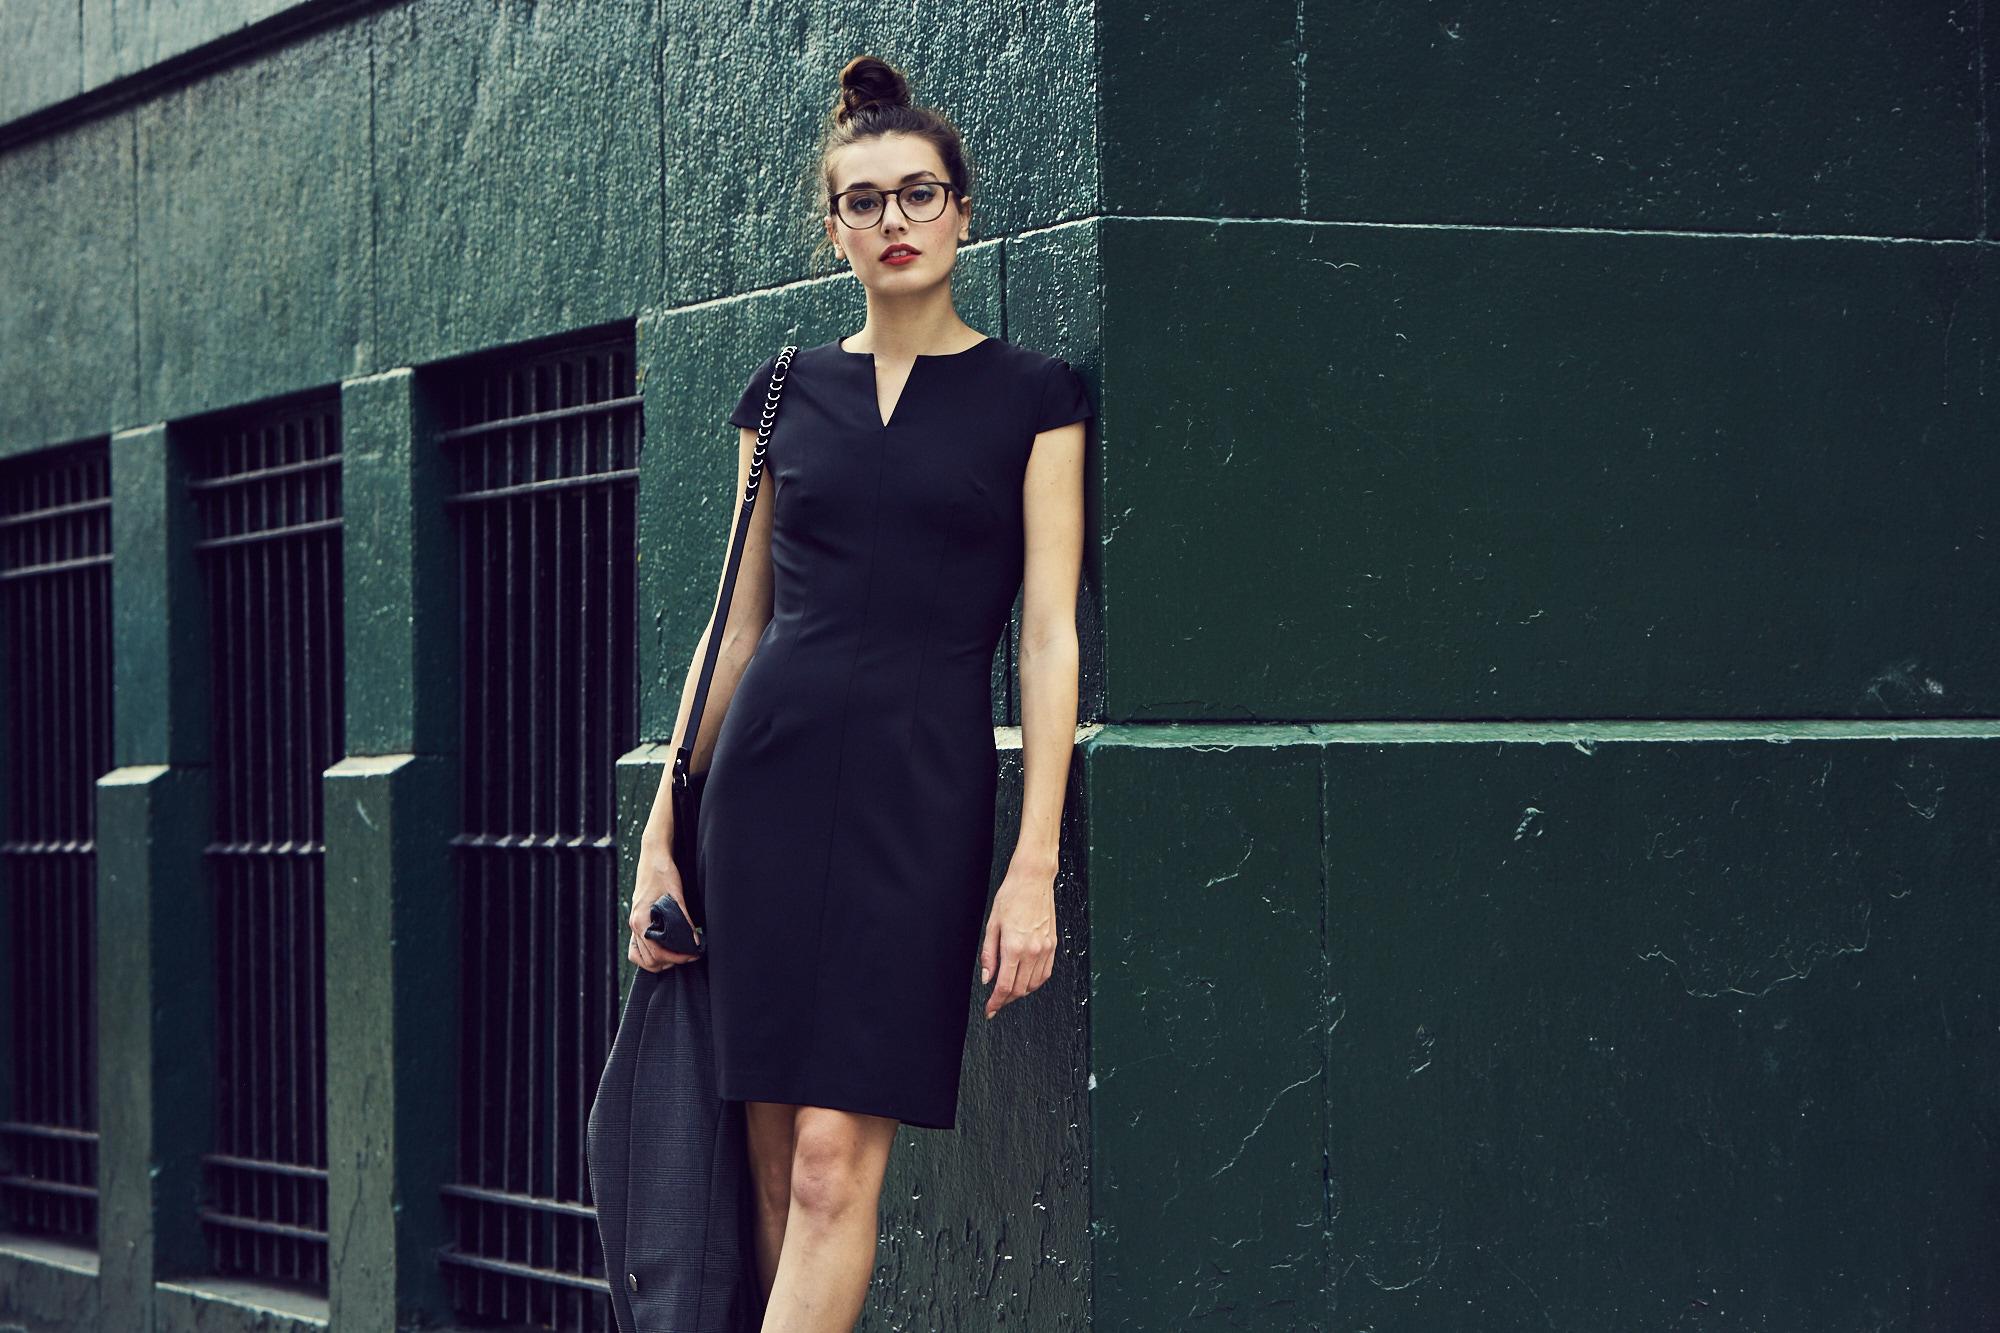 Of Mercer Hudson Cap Sleeved Black Sheath Work Dress